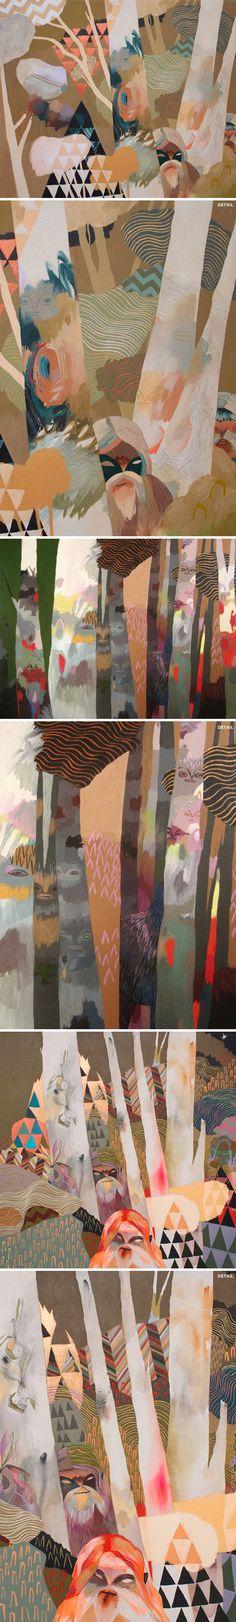 acrylic paintings by meghan hildebrand